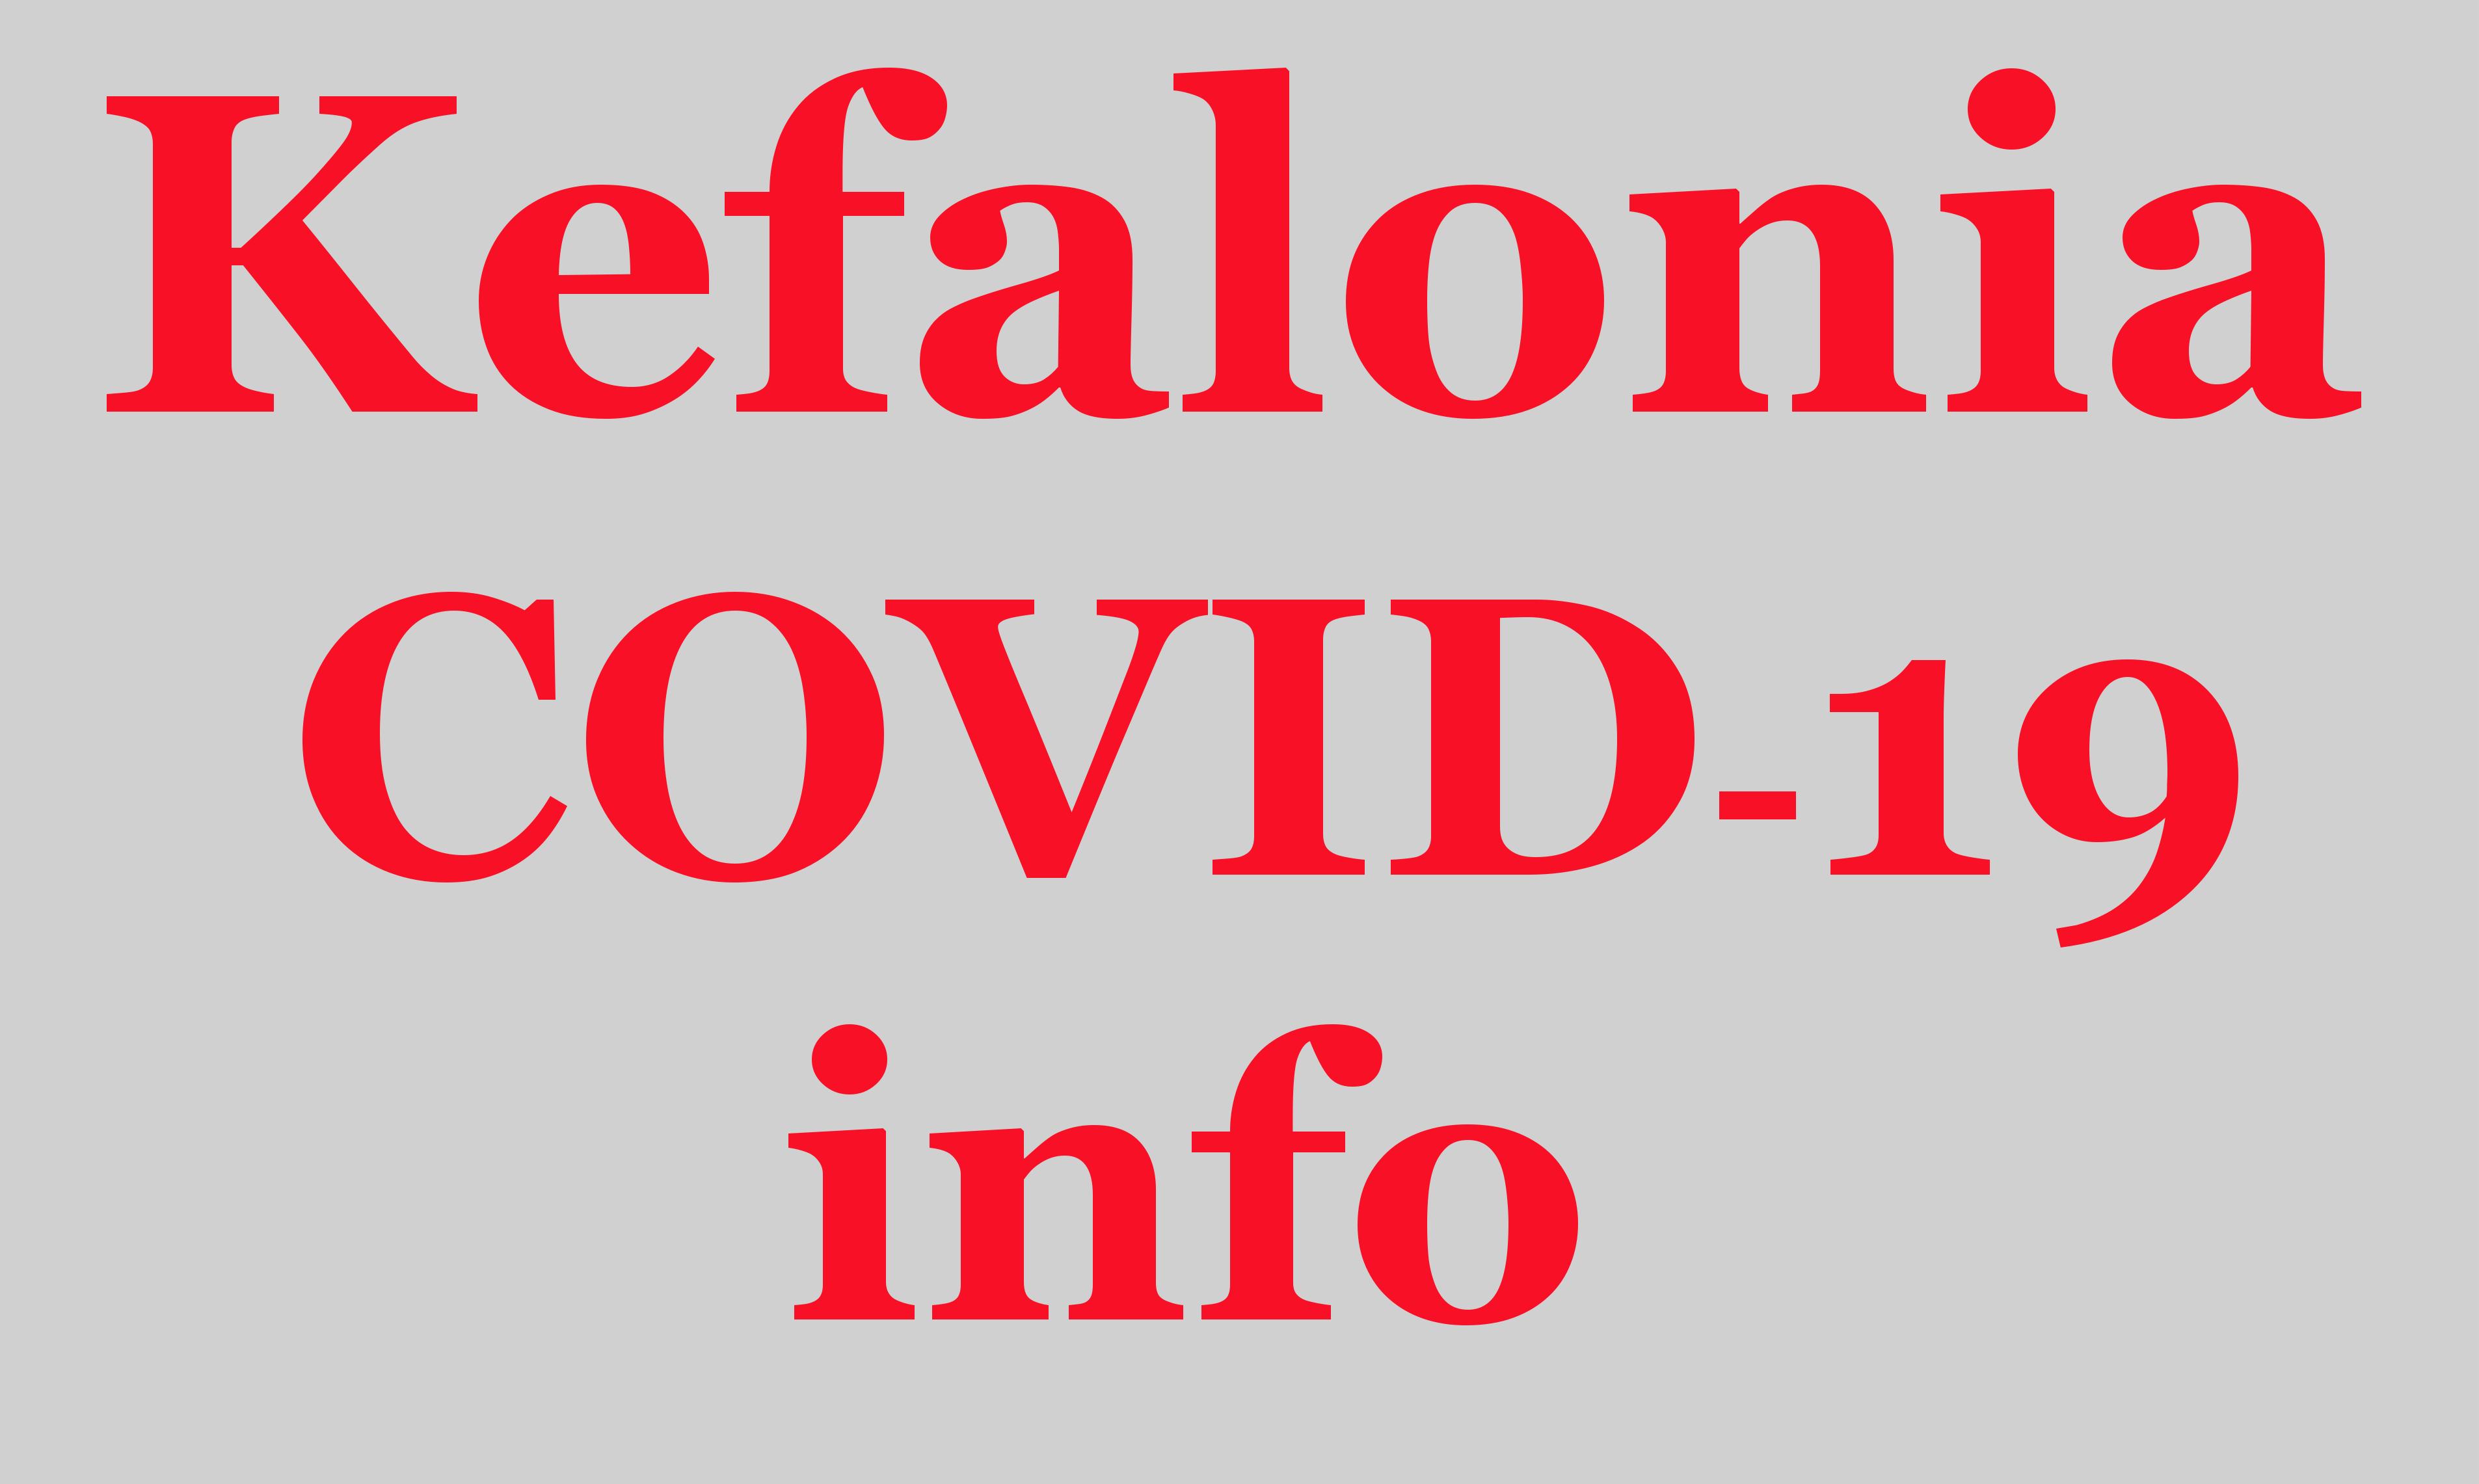 Informacija apie COVID-19 Kefalonijoje